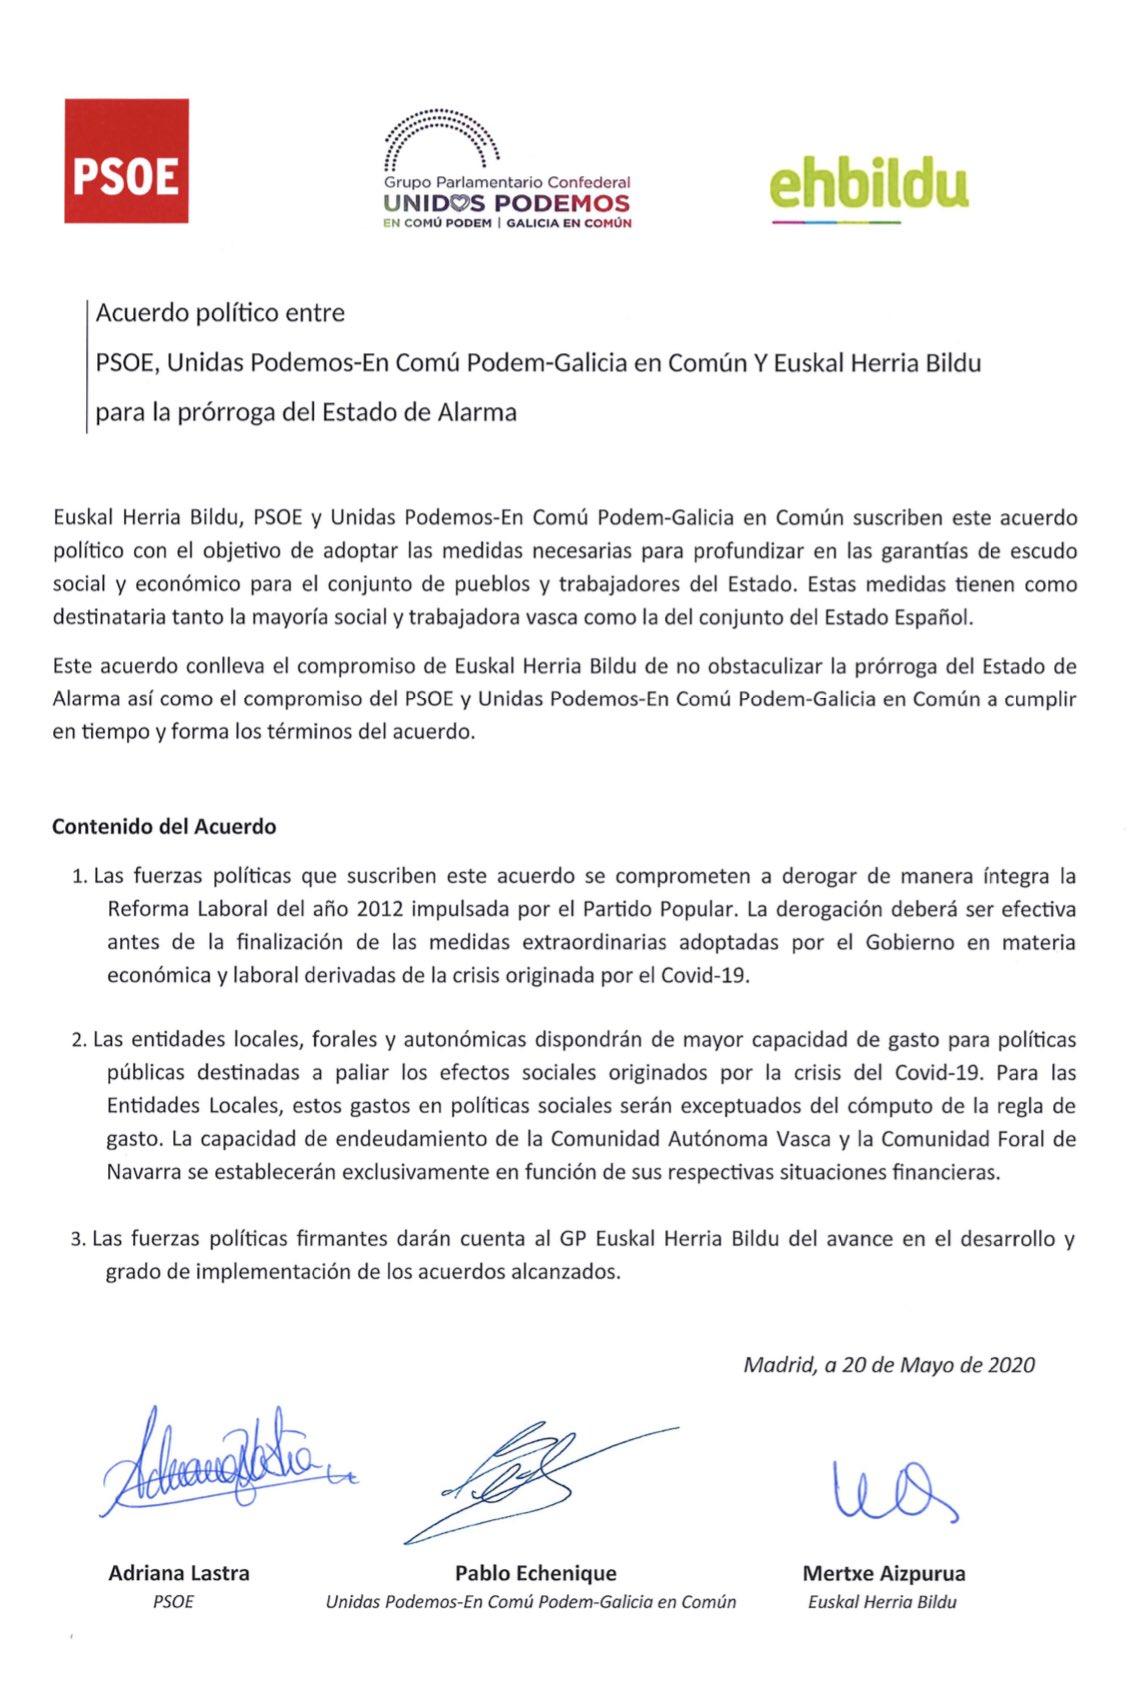 Acuerdo derogación de la reforma laboral. PSOE - UP - BILDU. 20-05-2020